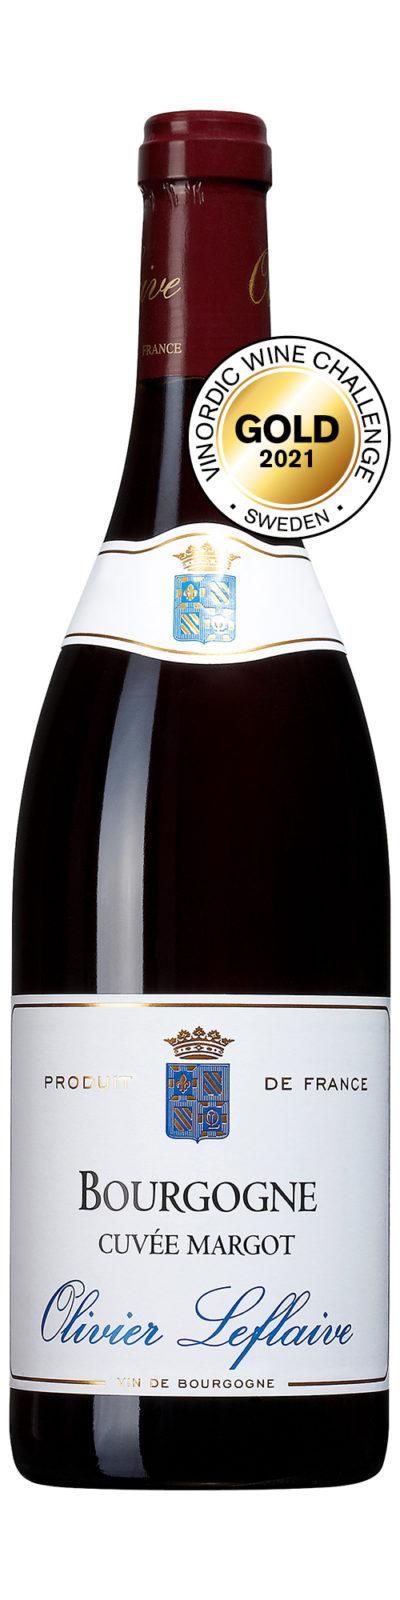 Leflaive Bourgogne Rouge Cuvée Margot